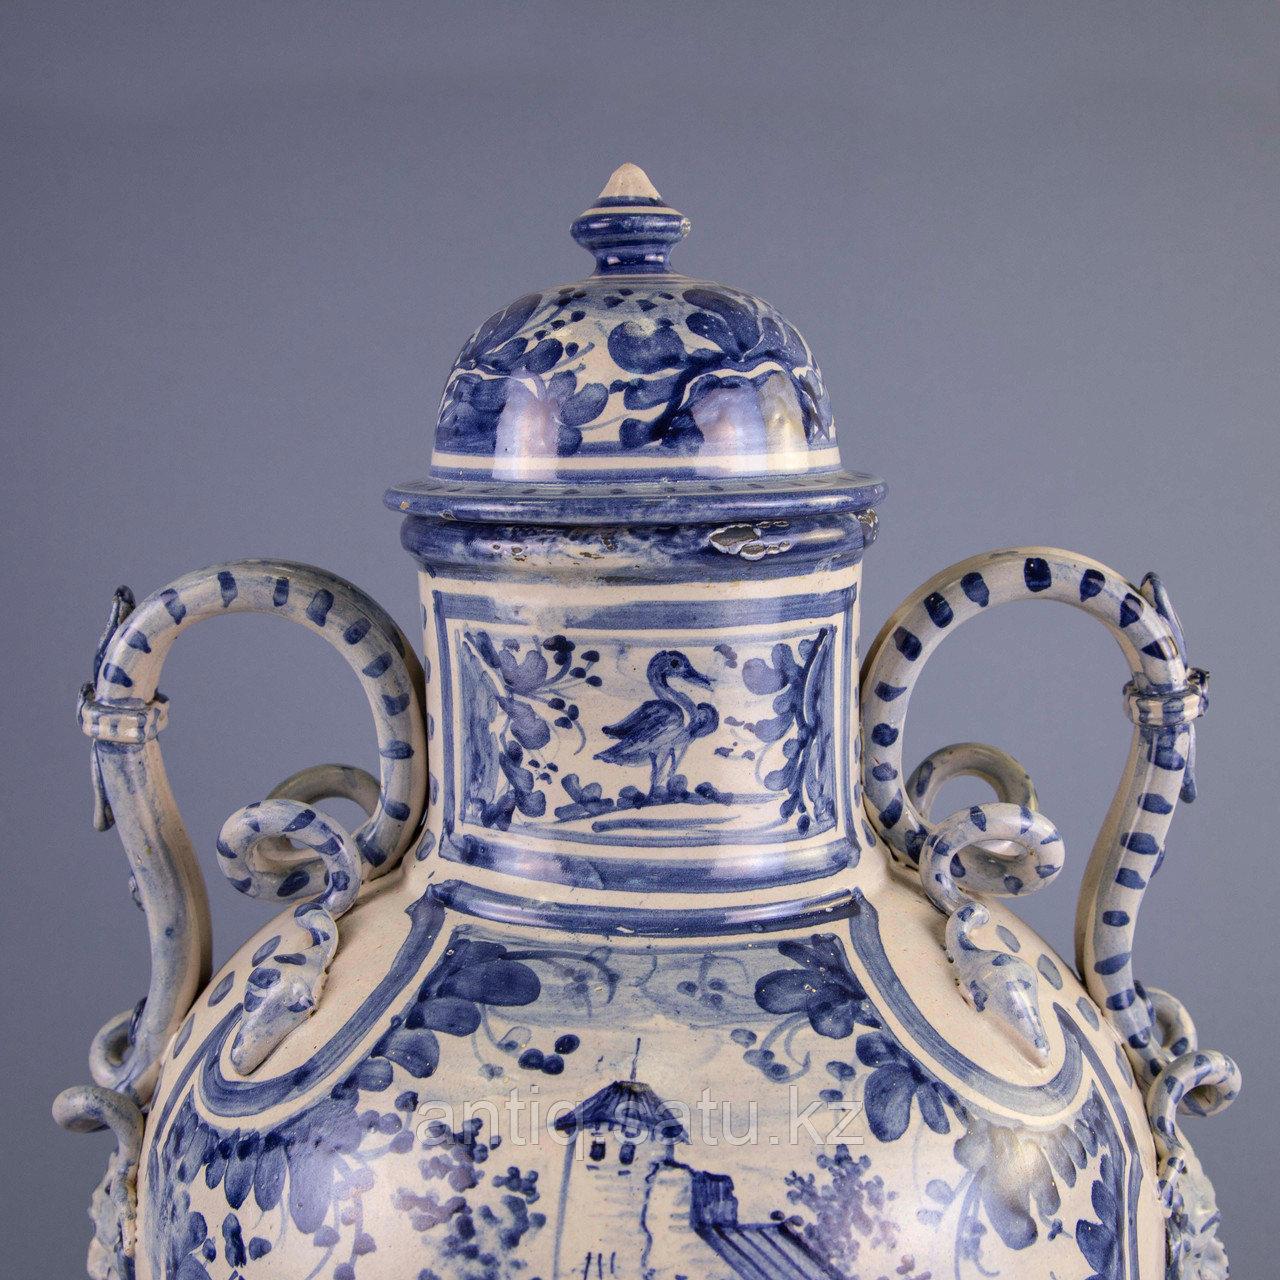 Парадная ваза. Королевская мануфактура в Дельфте - фото 6